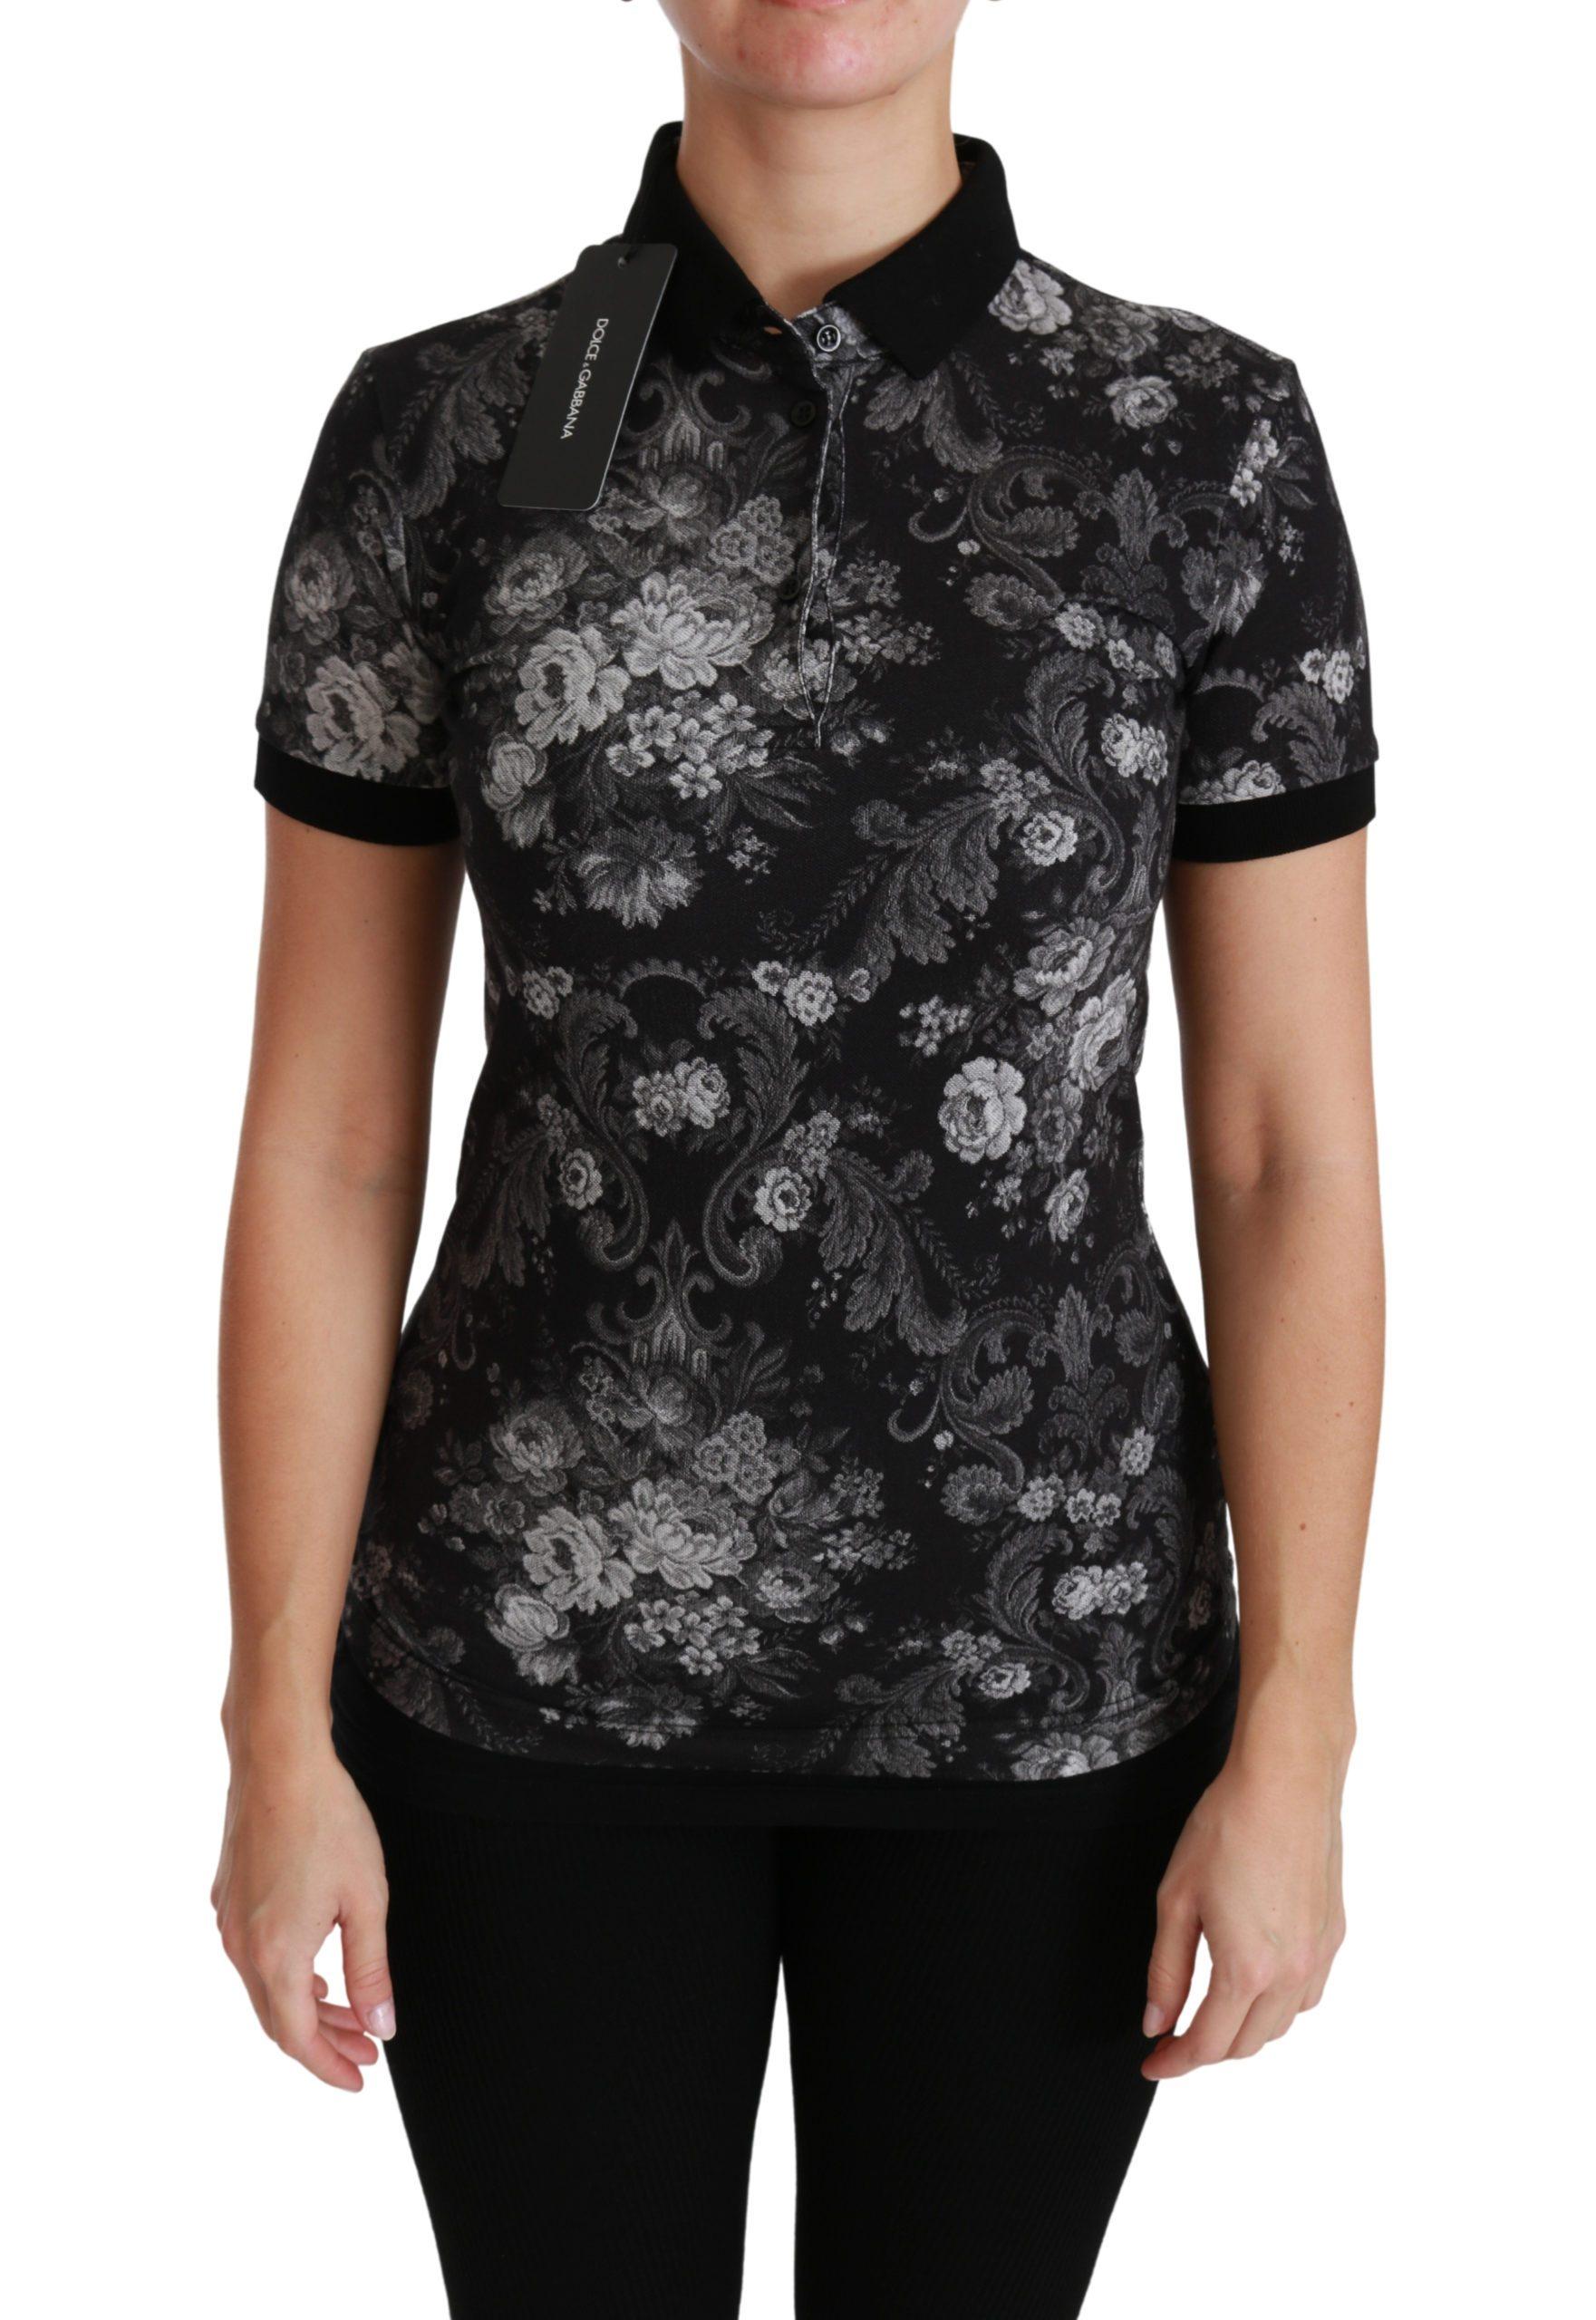 Dolce & Gabbana Women's Floral Polo T-shirt Black TSH4452-38 - IT38 XS